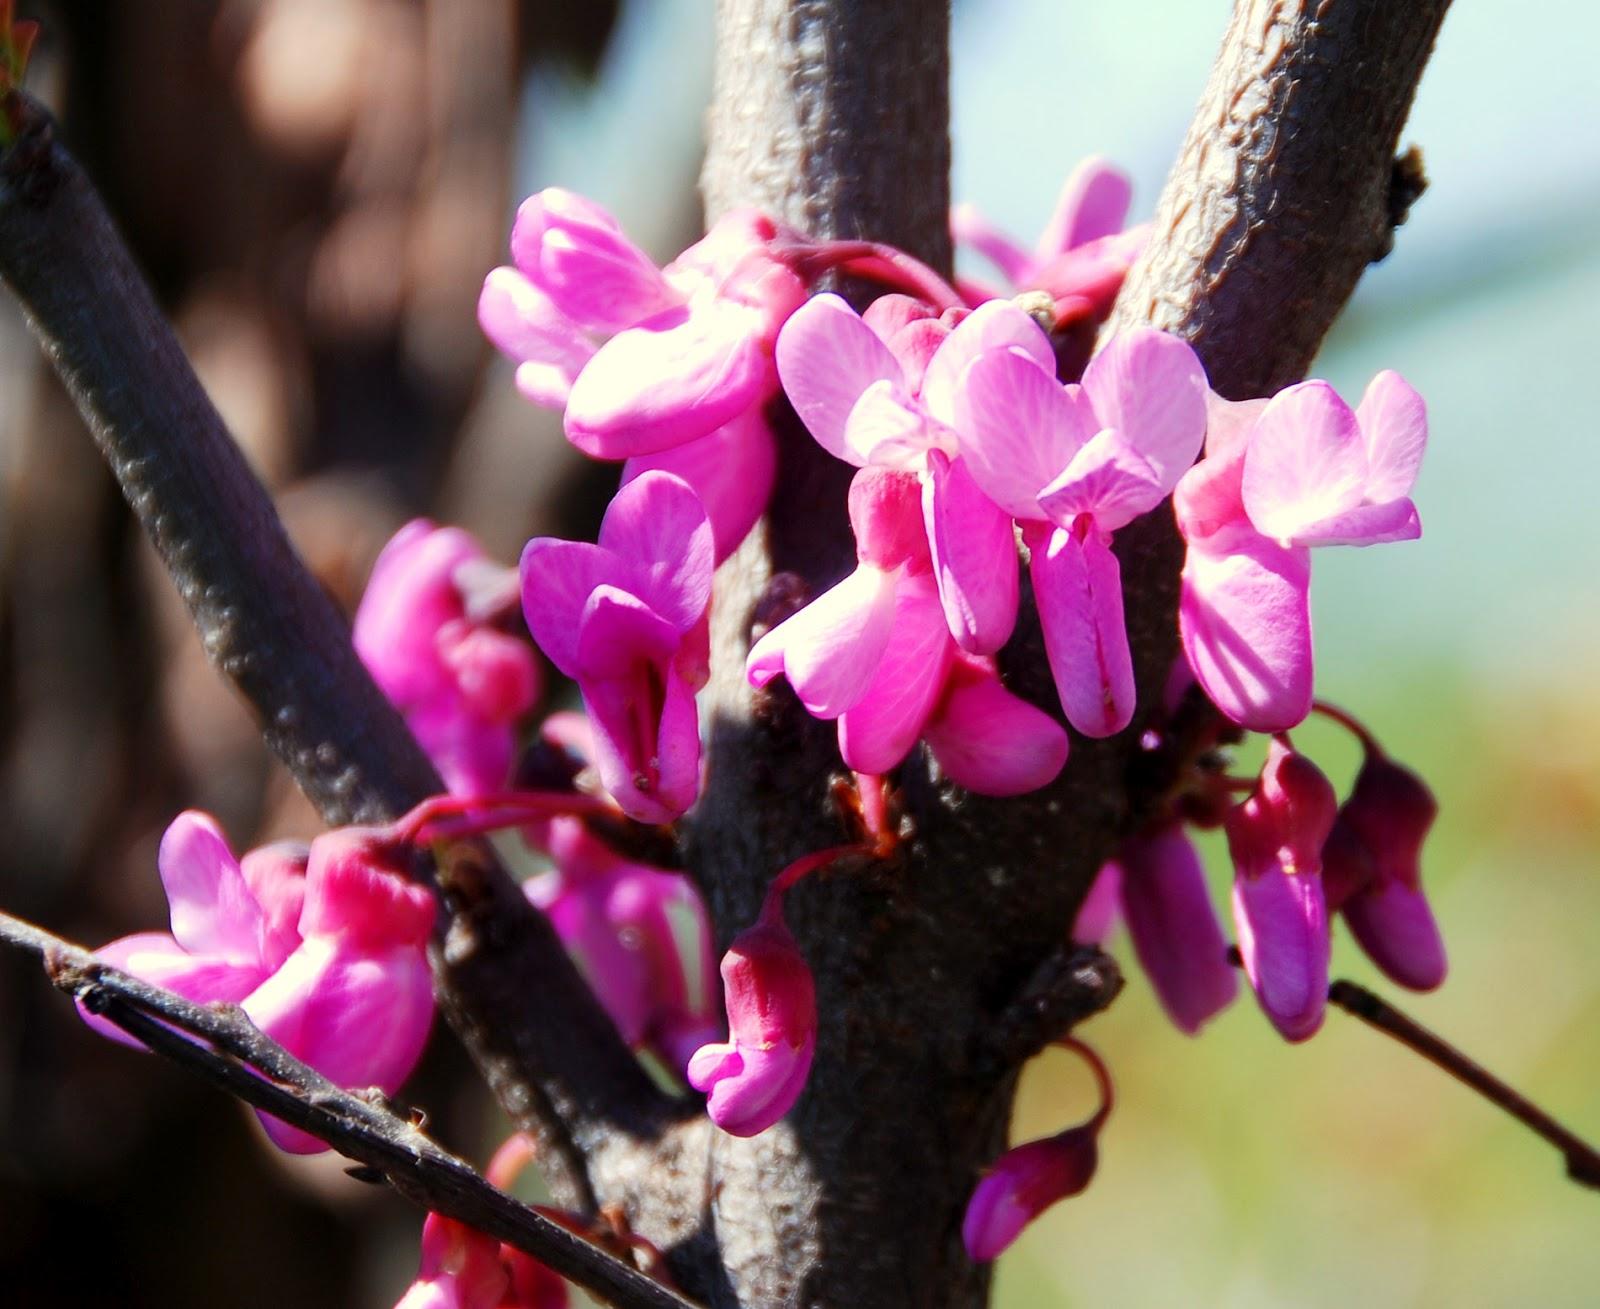 Il mondo in un giardino l 39 albero dalle foglie a cuore e for Pianta ornamentale con foglie rosse e verdi